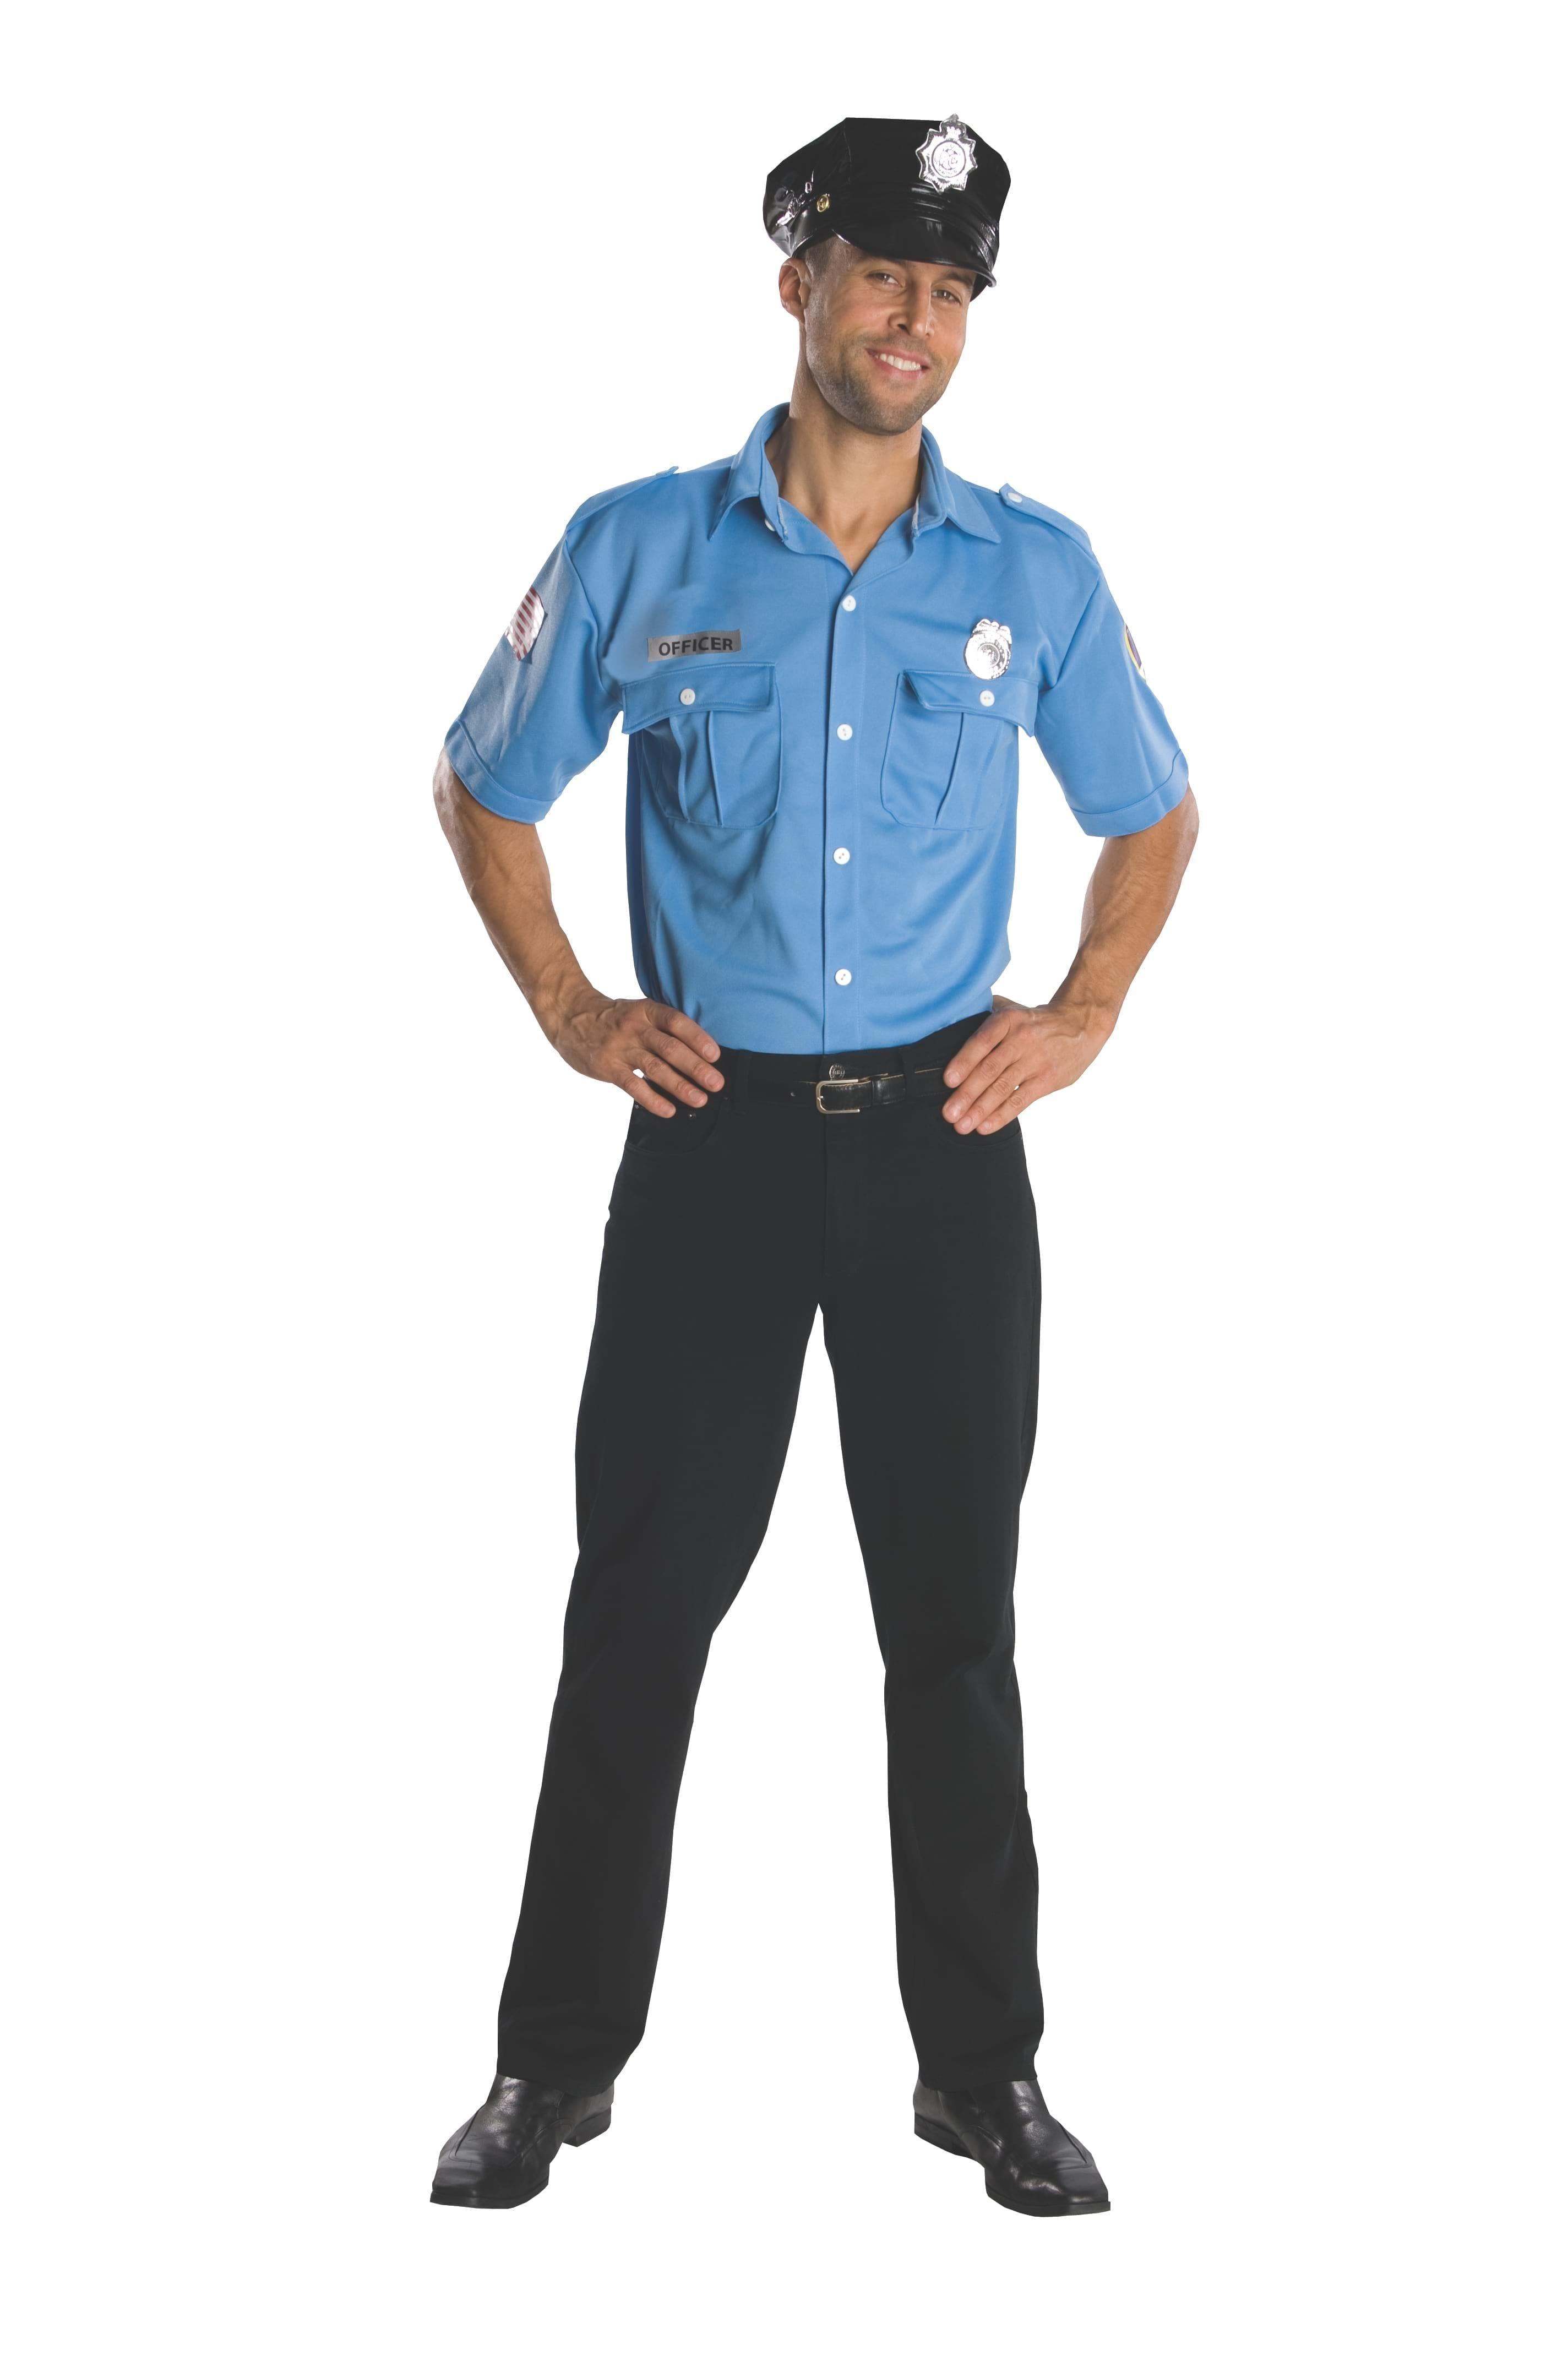 Men's Police Officer -0